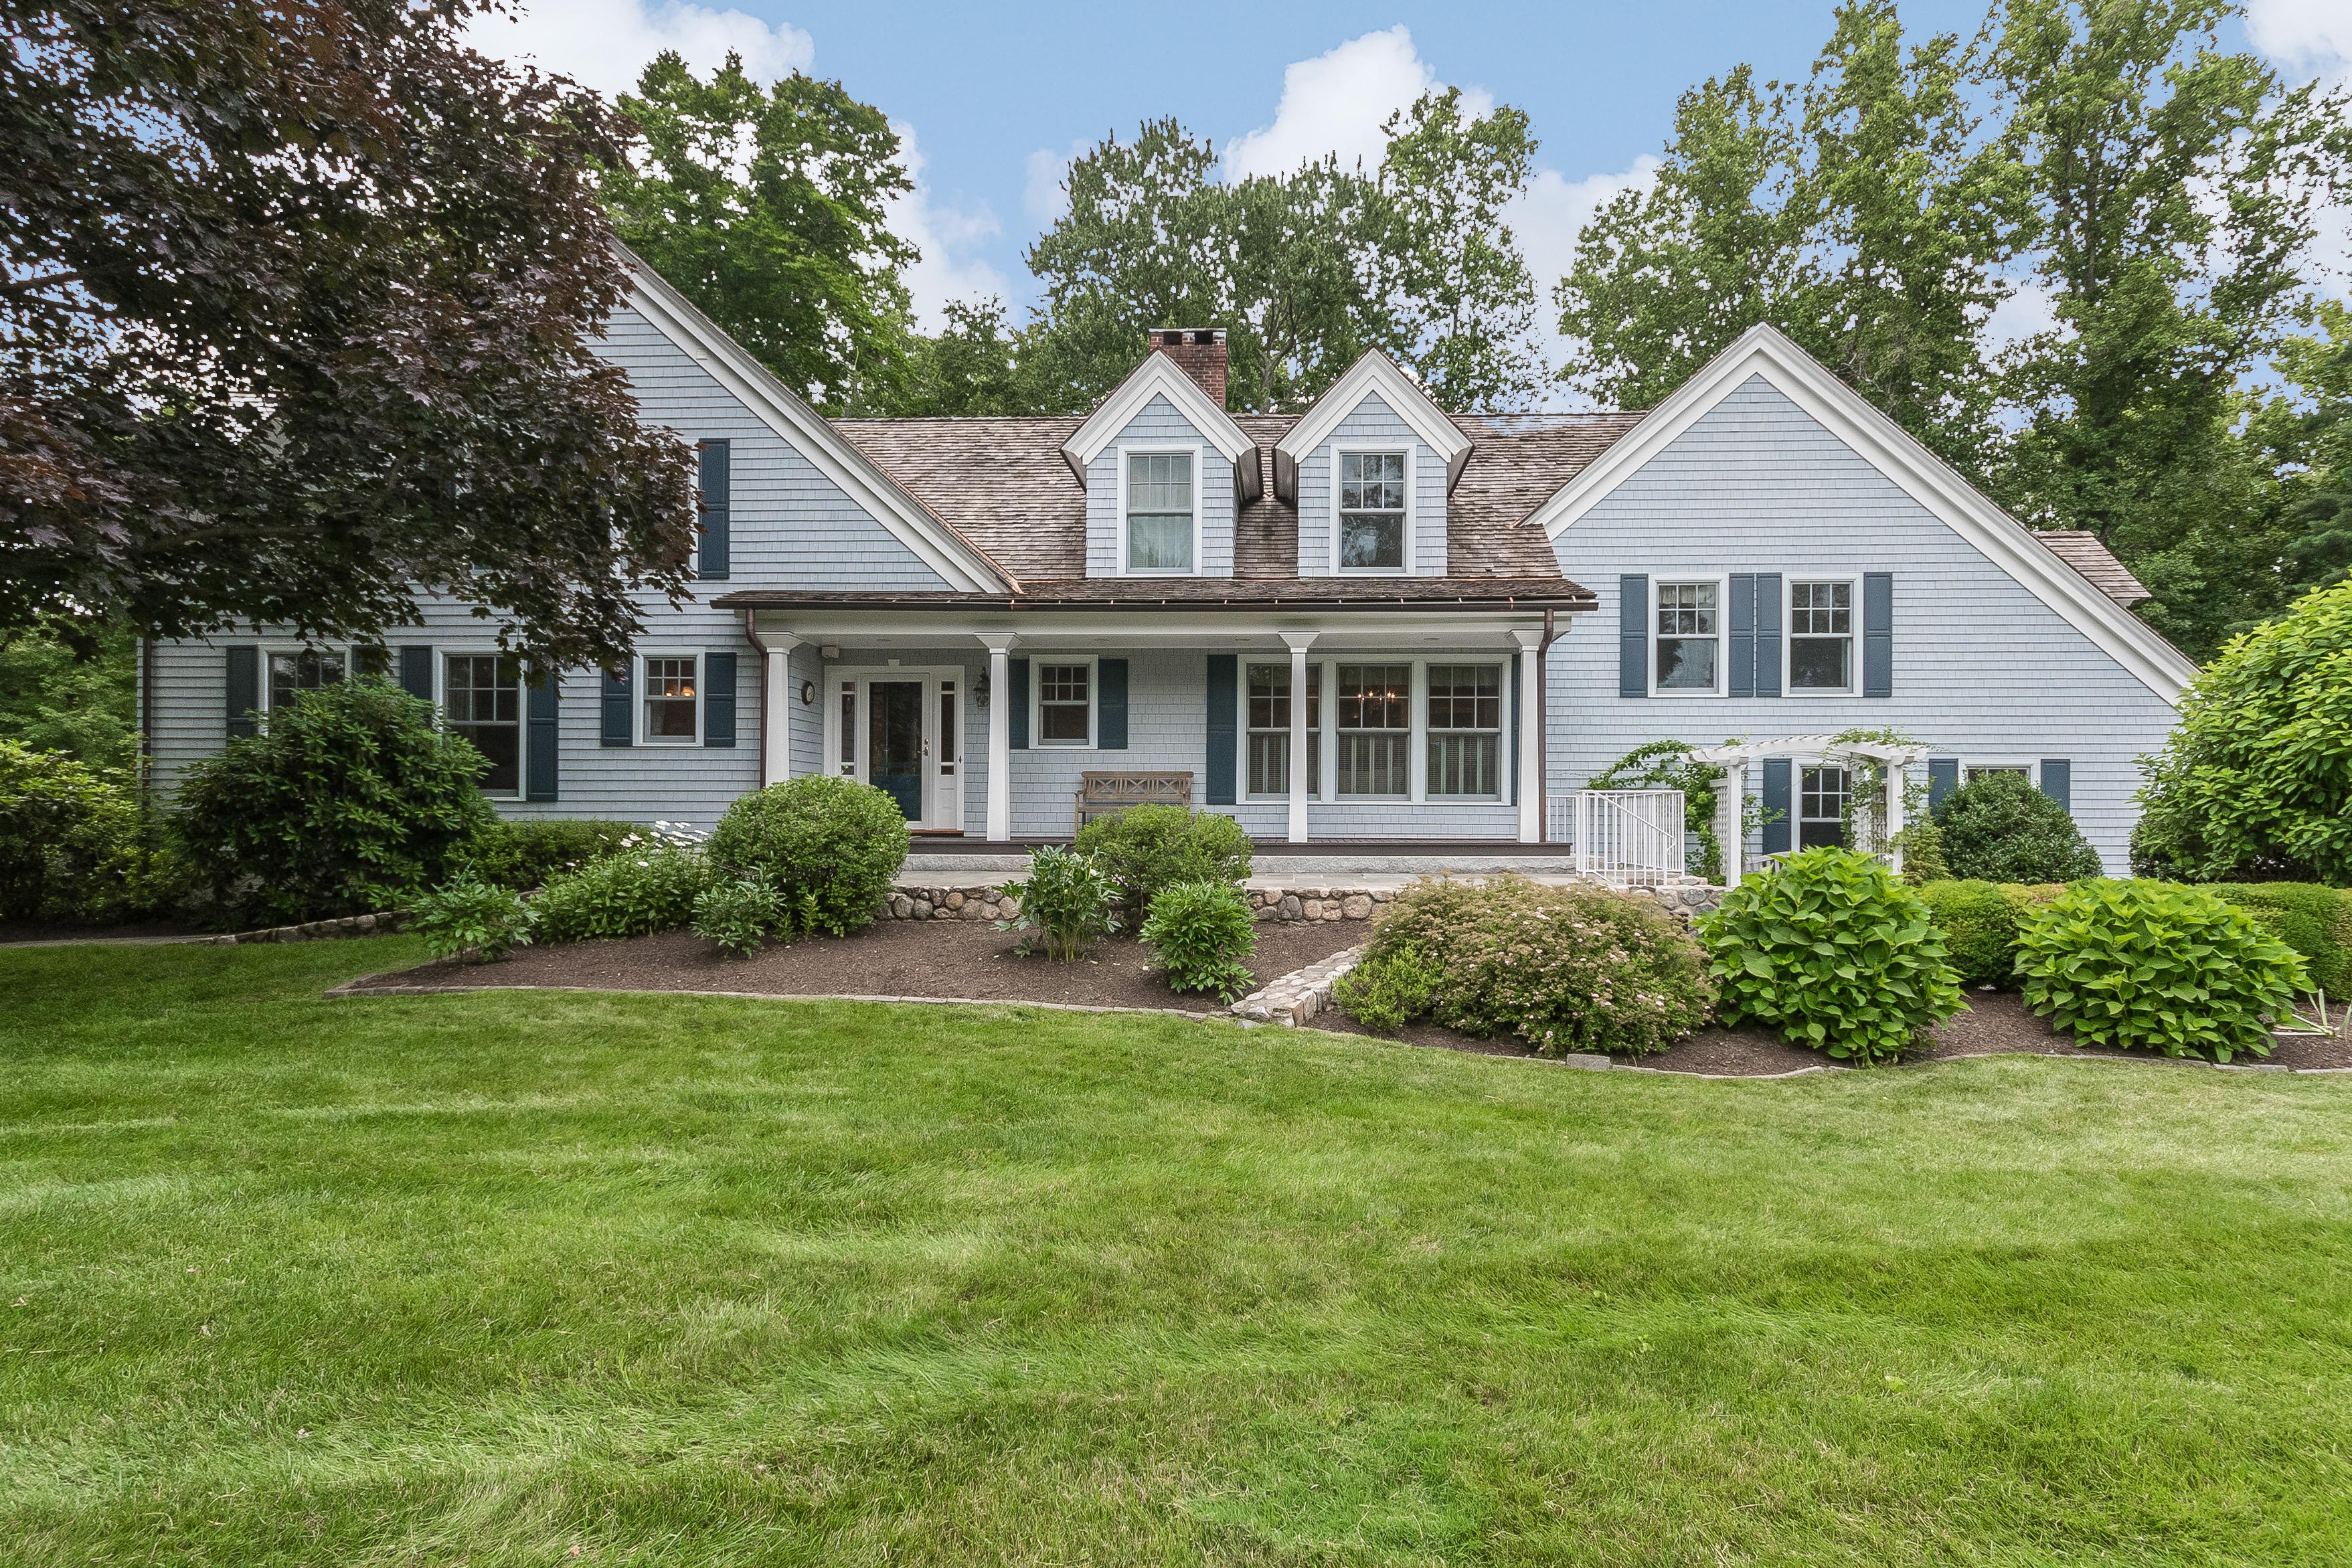 Частный односемейный дом для того Продажа на Hunt Club Area 1 Ulbrick Lane Westport, Коннектикут, 06880 Соединенные Штаты